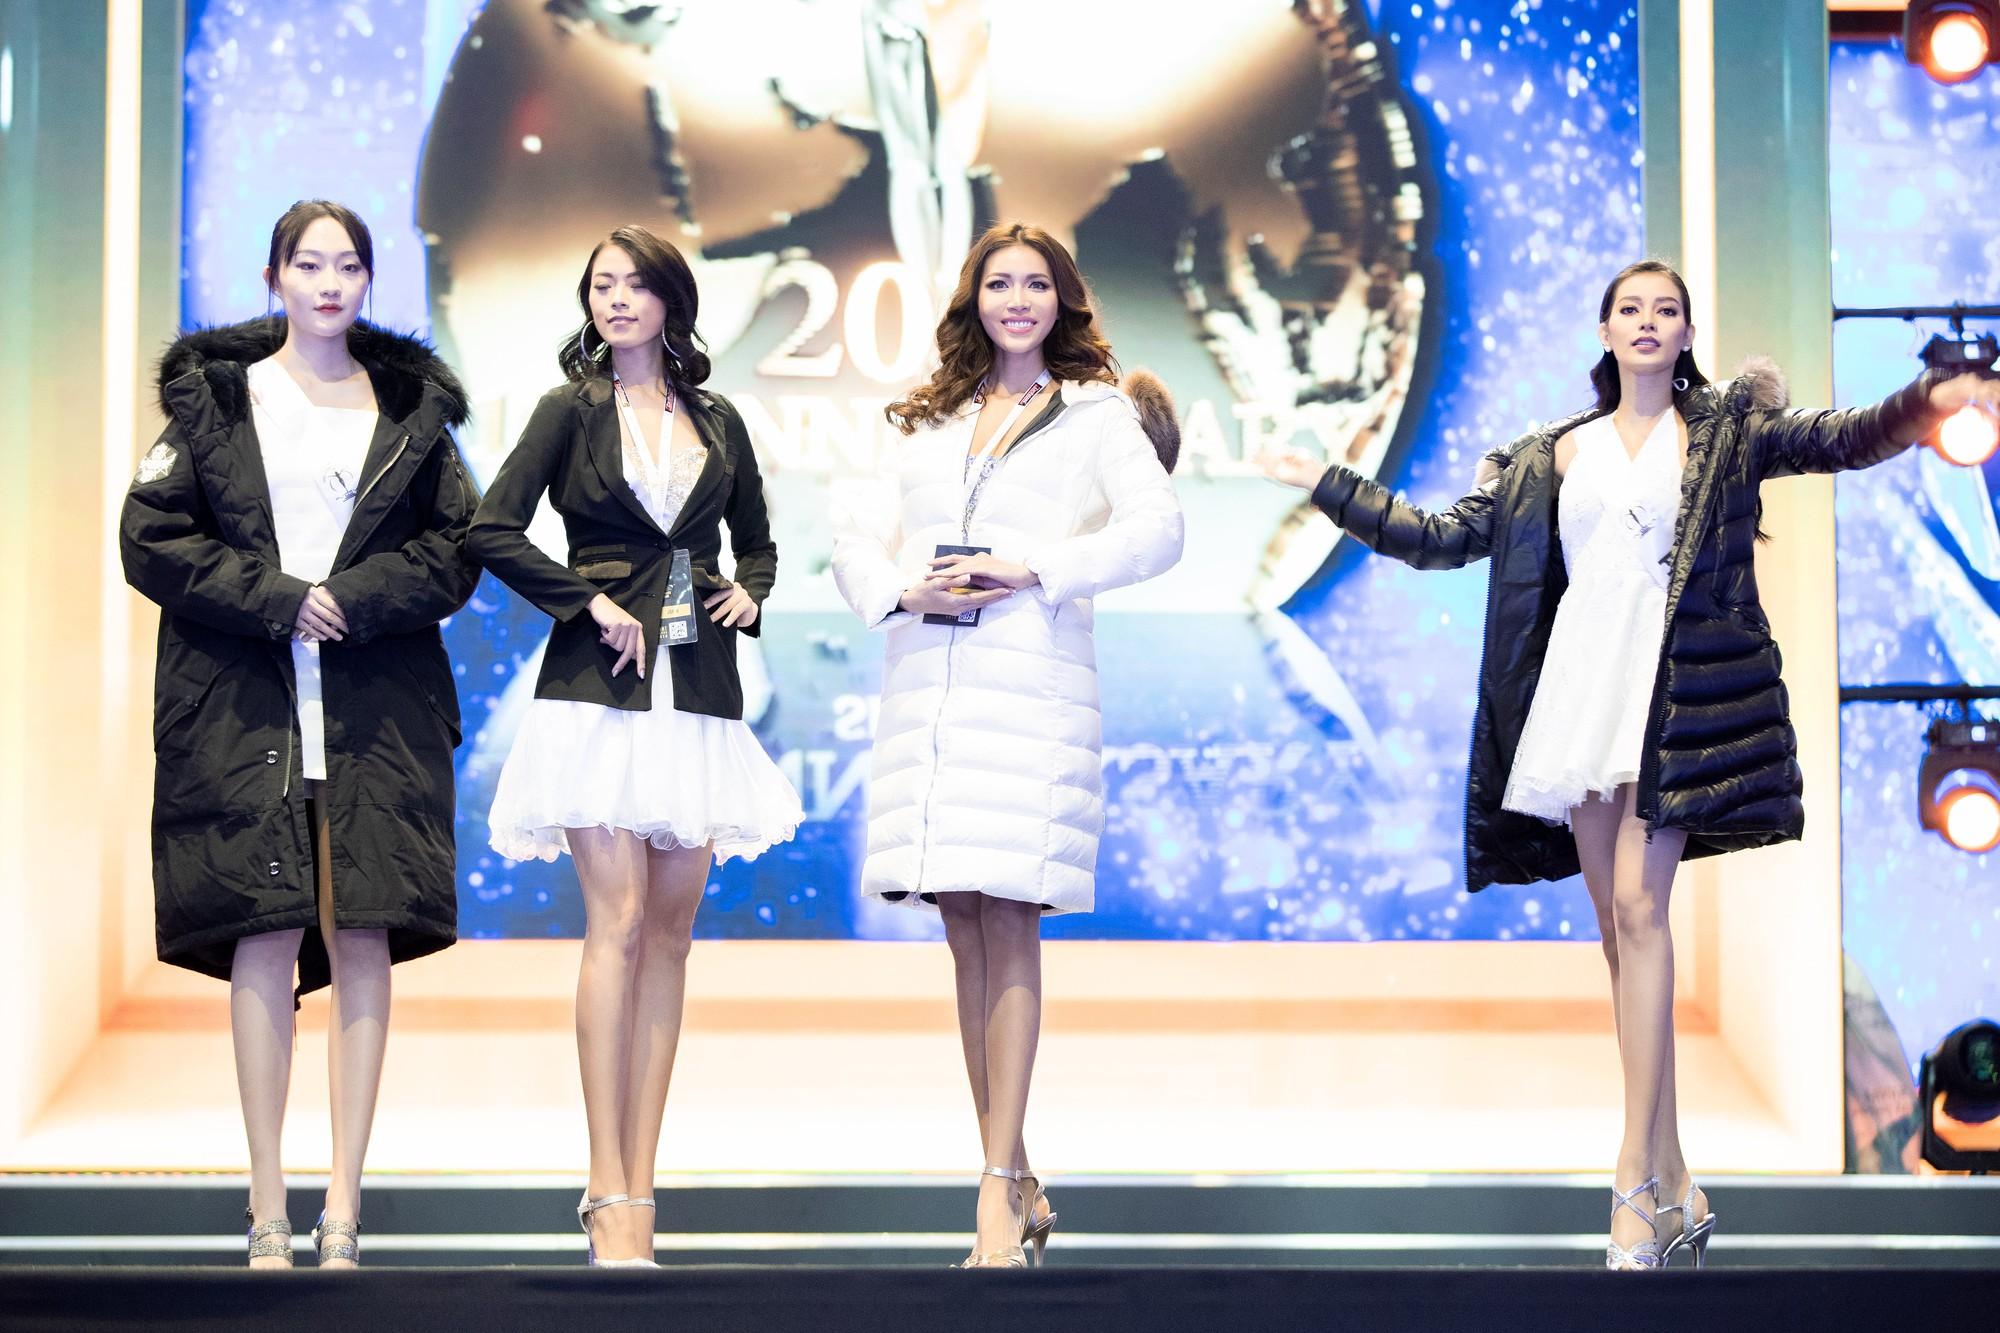 Ba Lan lạnh 0 độ, Minh Tú vẫn cháy hết mình trong buổi tổng duyệt trước chung kết Hoa hậu tối nay - Ảnh 1.